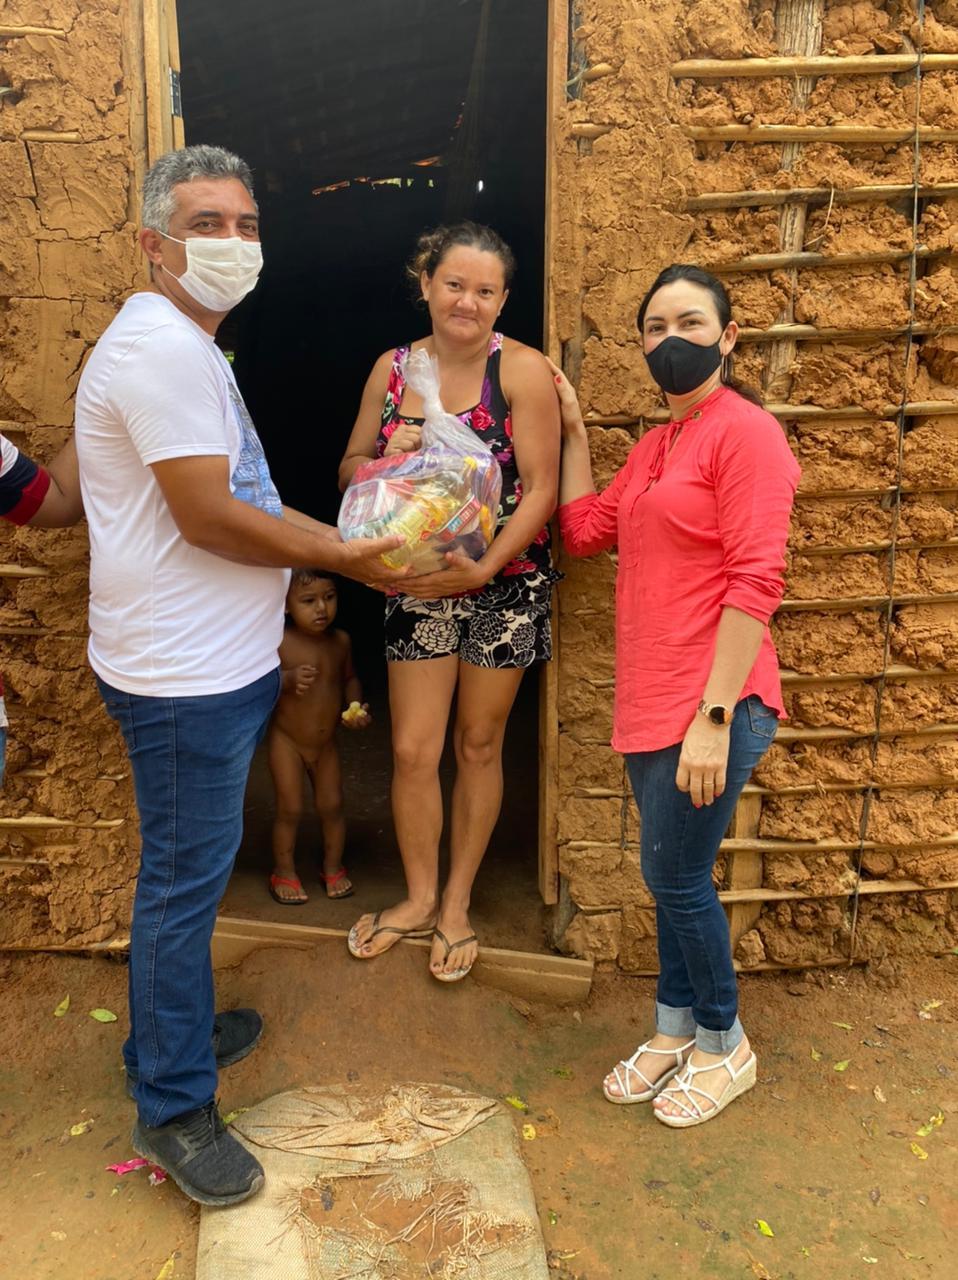 AÇÃO SOLIDÁRIA: Prefeito Júnior do Posto realiza entrega de centenas de cestas básicas em Itaipava do Grajaú